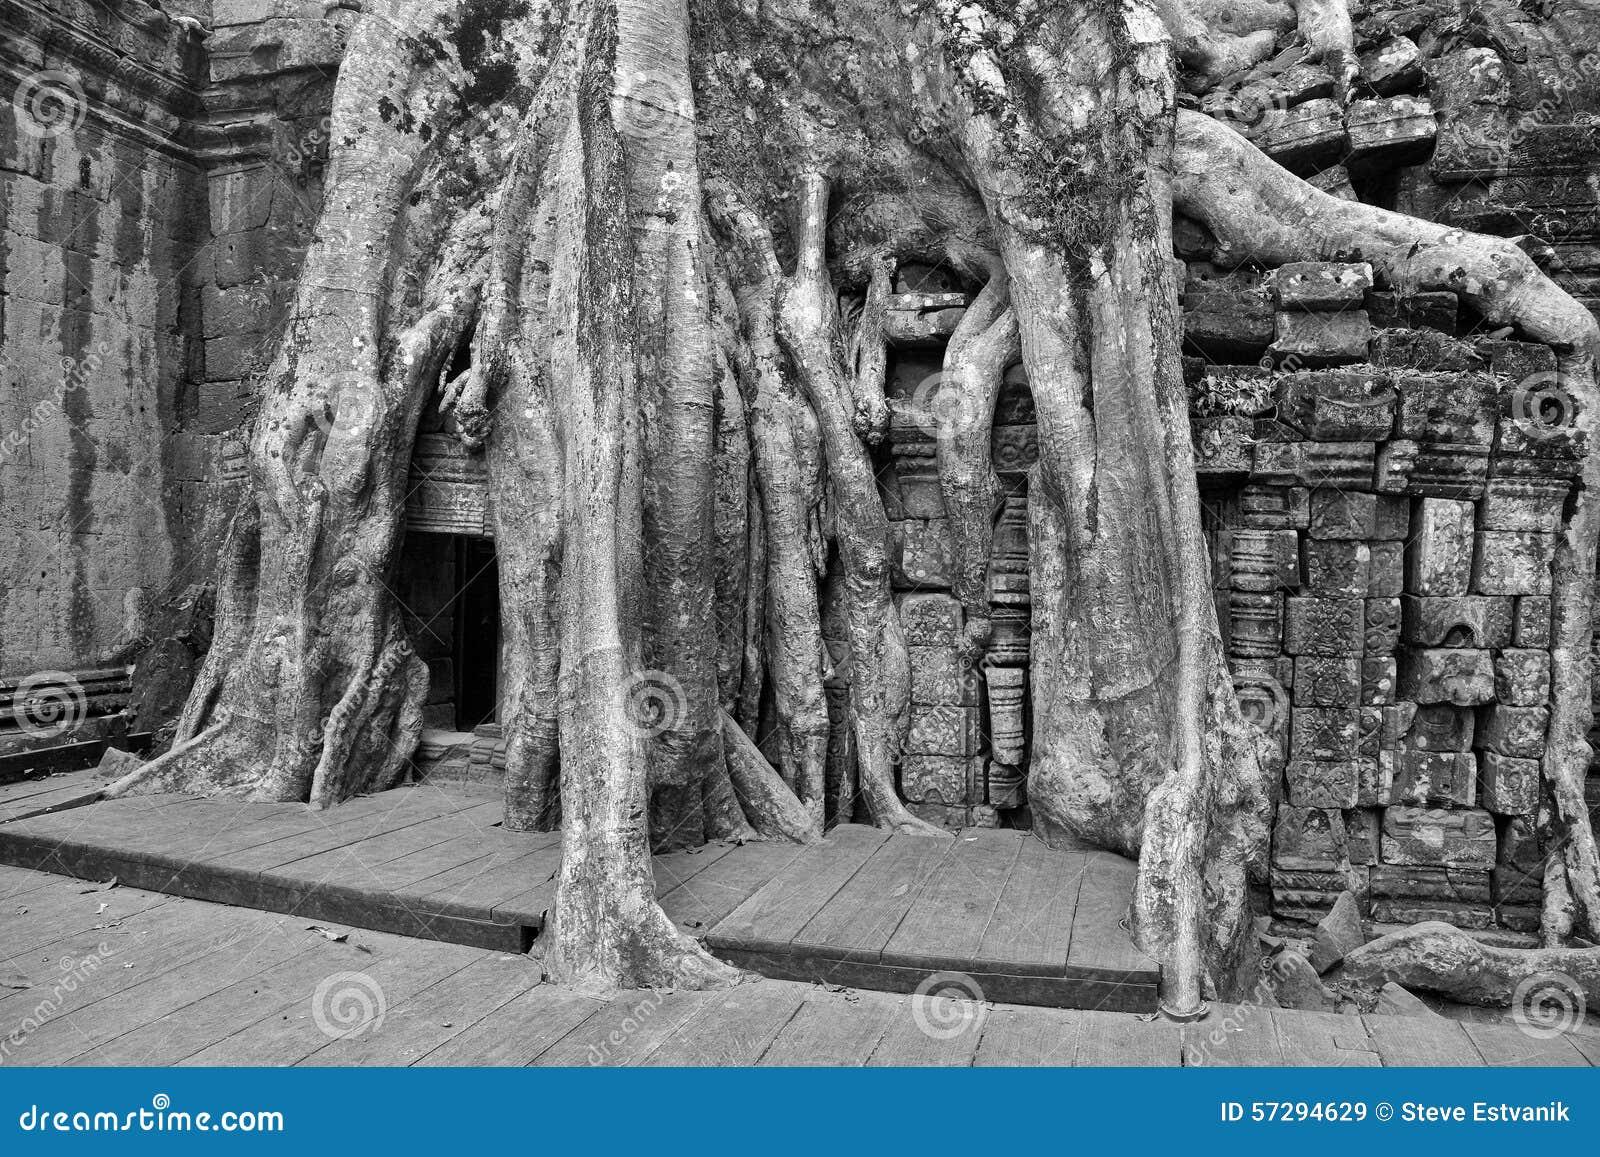 Acero Radici Invasive le radici enormi dell'albero inghiottono il tempio rovinato